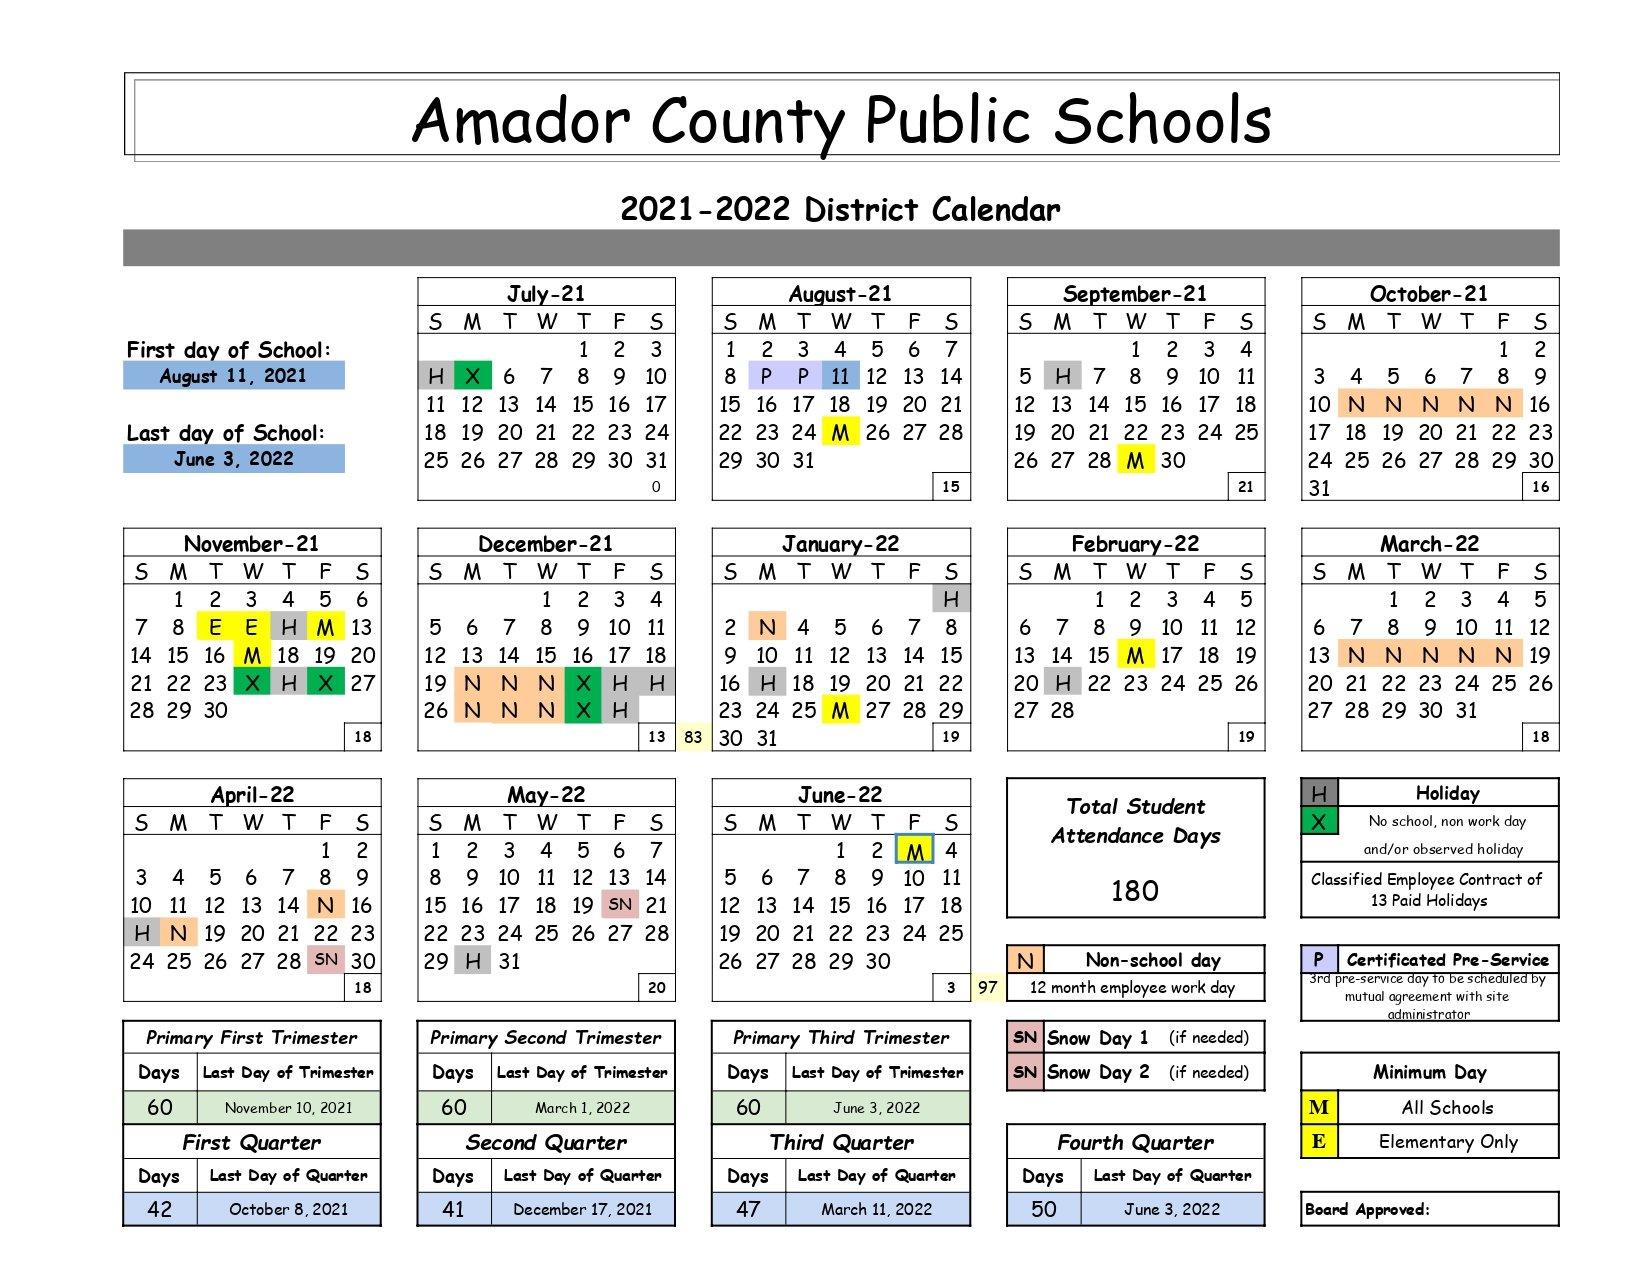 School Calendar page